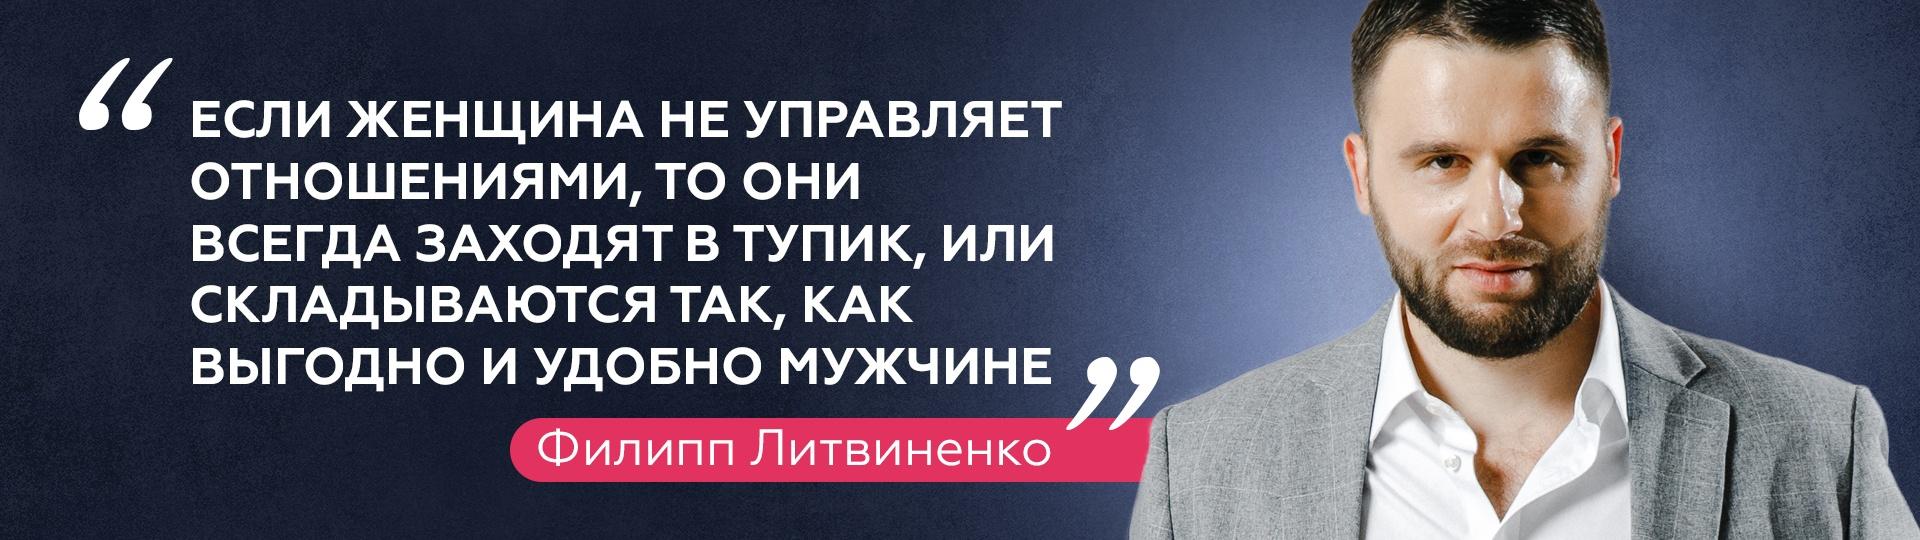 Если женщина не управляет отношениями Филипп Литвиненко